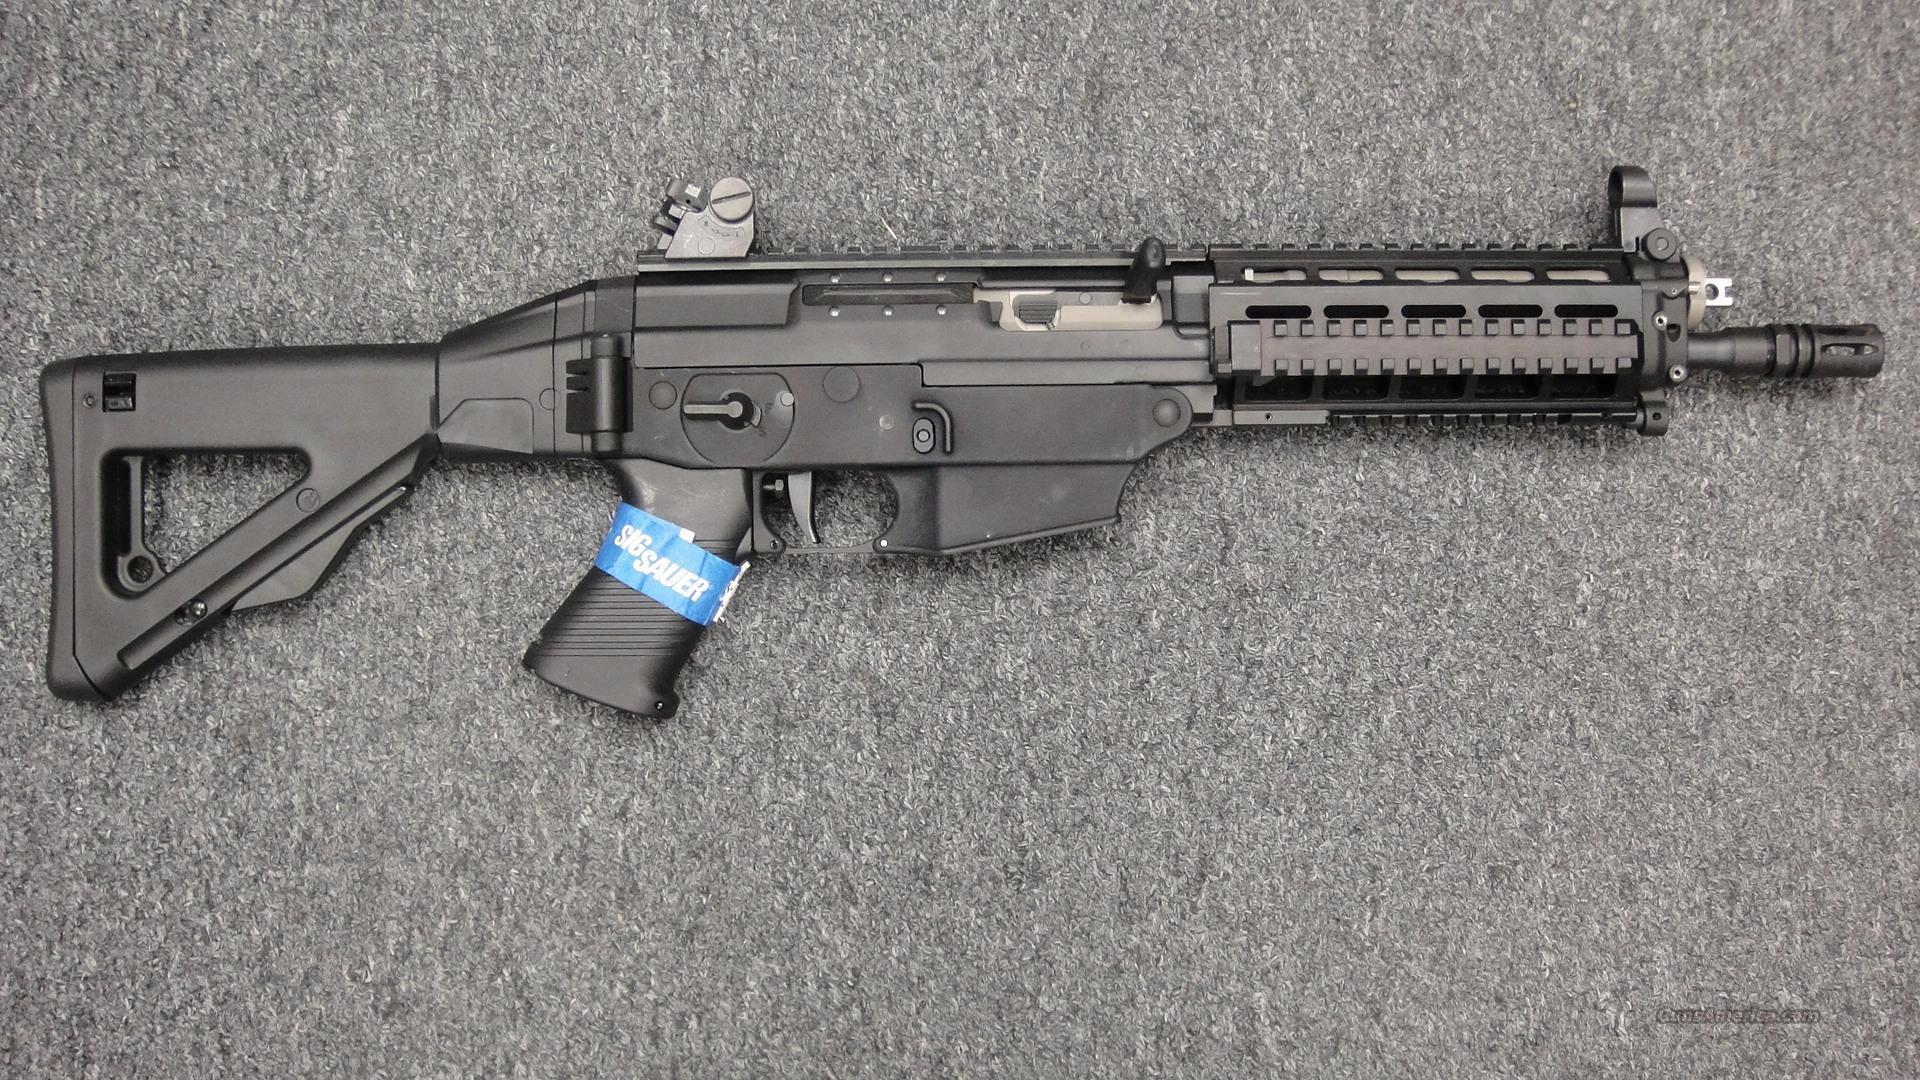 Sig Sauer 556405 SBR  Guns > Rifles > Class 3 Rifles > Class 3 Subguns